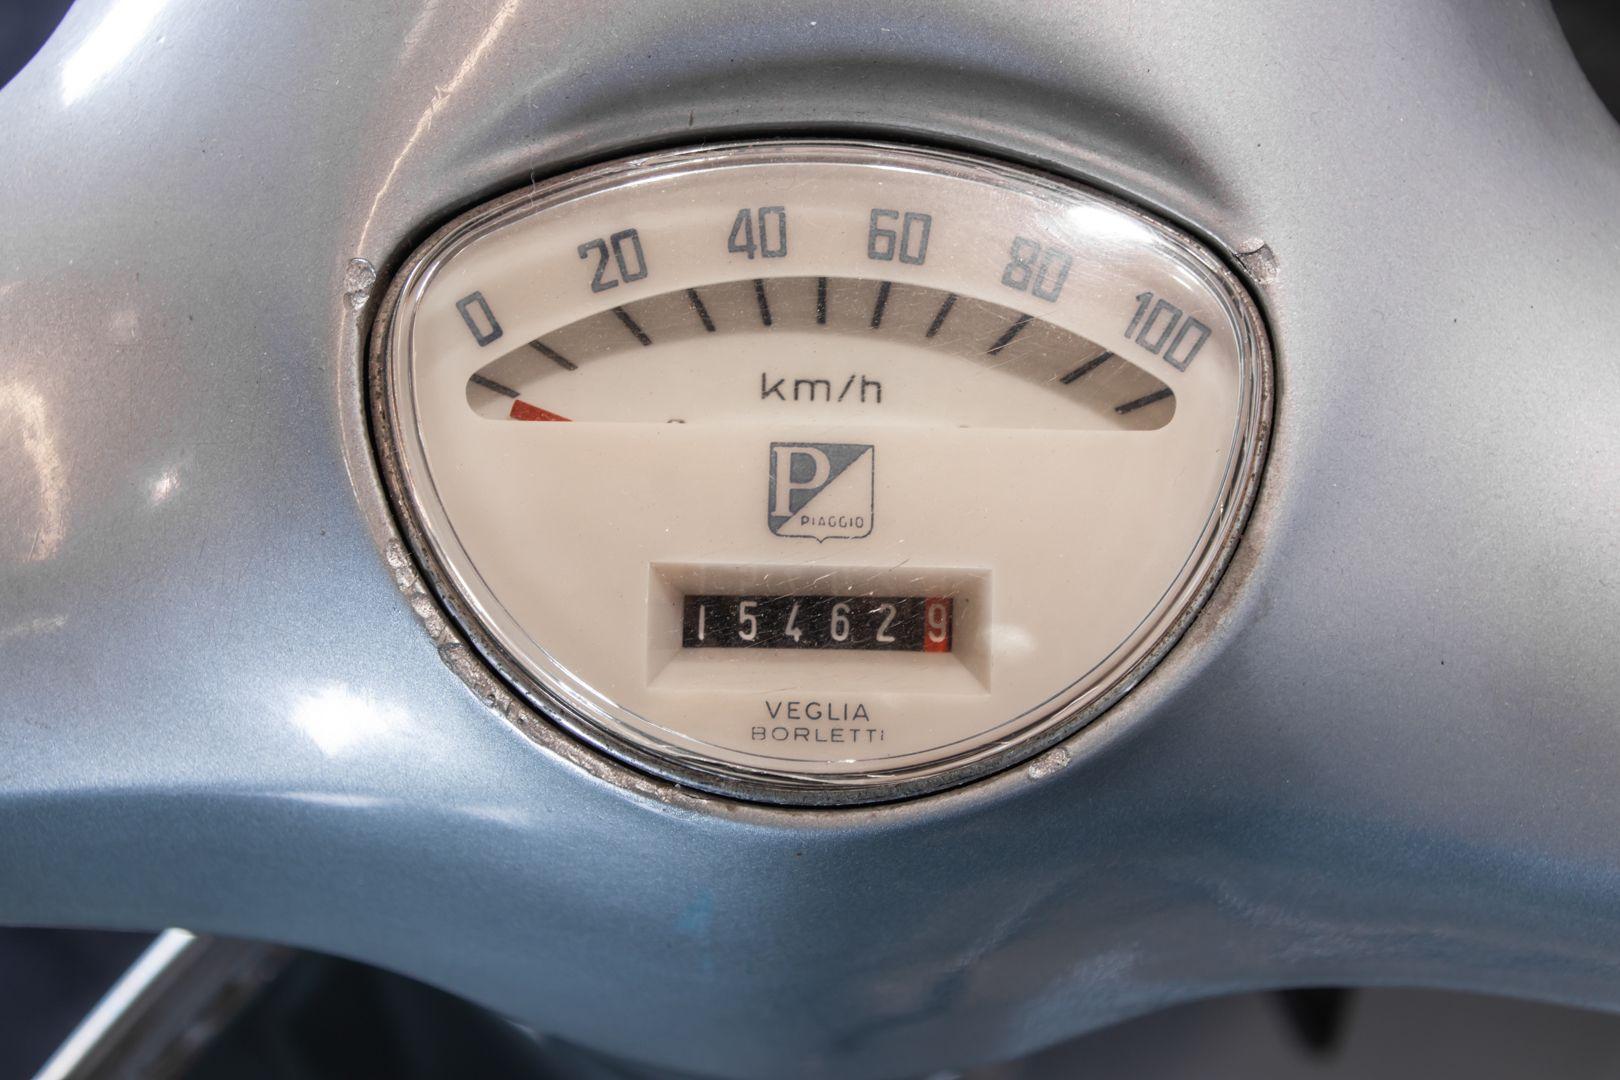 1965 Piaggio Vespa 125 VMA 78336